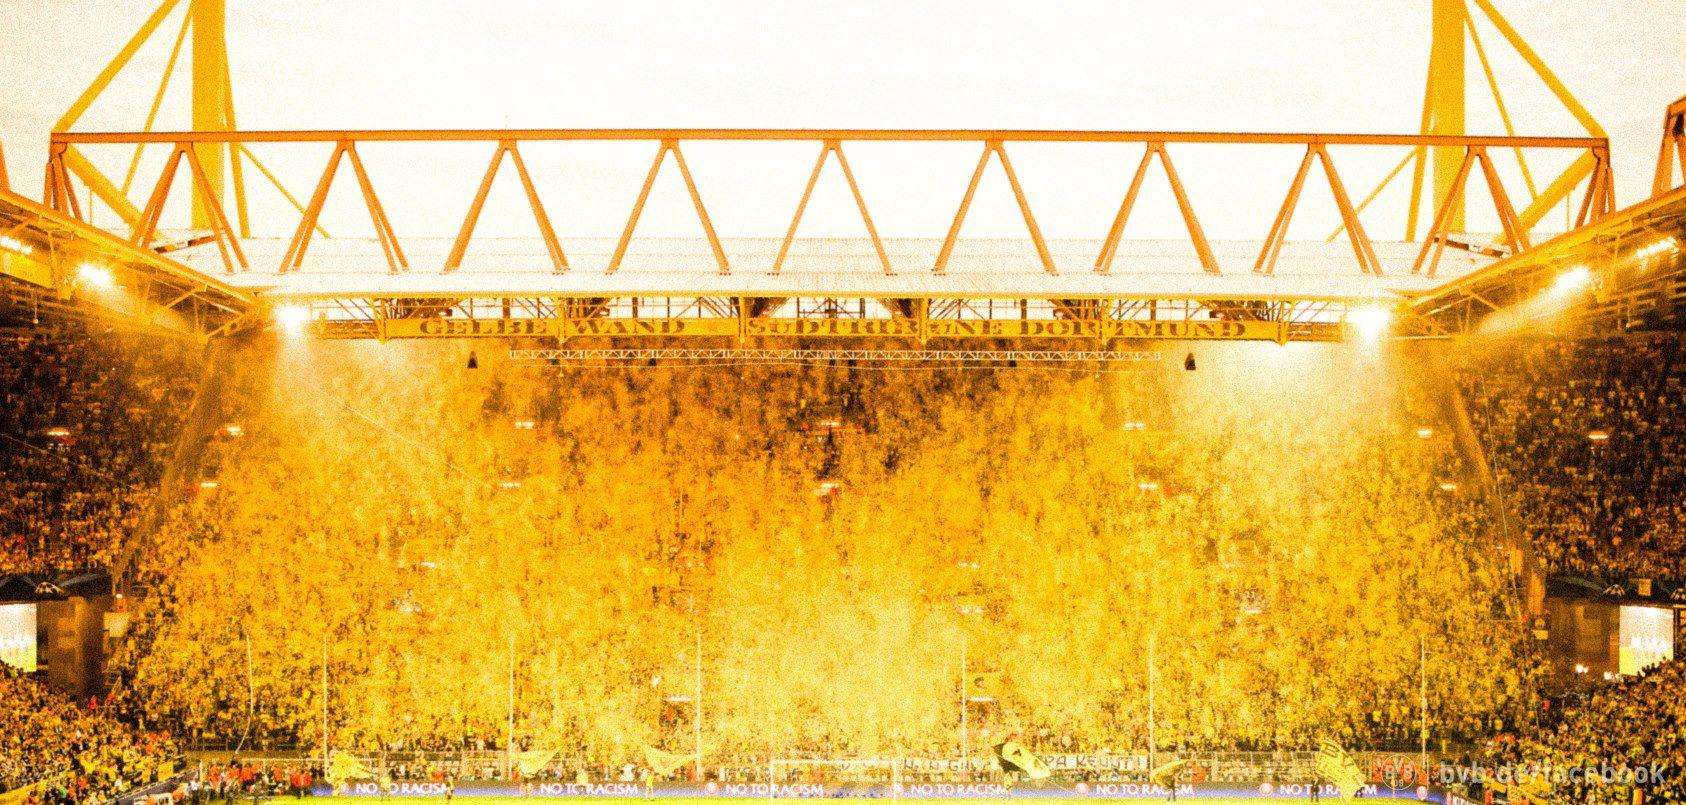 Borussia Dortmund Leuchte Auf Du Gelbe Wand Shine On You Yellow Wall Borussia Dortmund Bvb Dortmund Dortmund